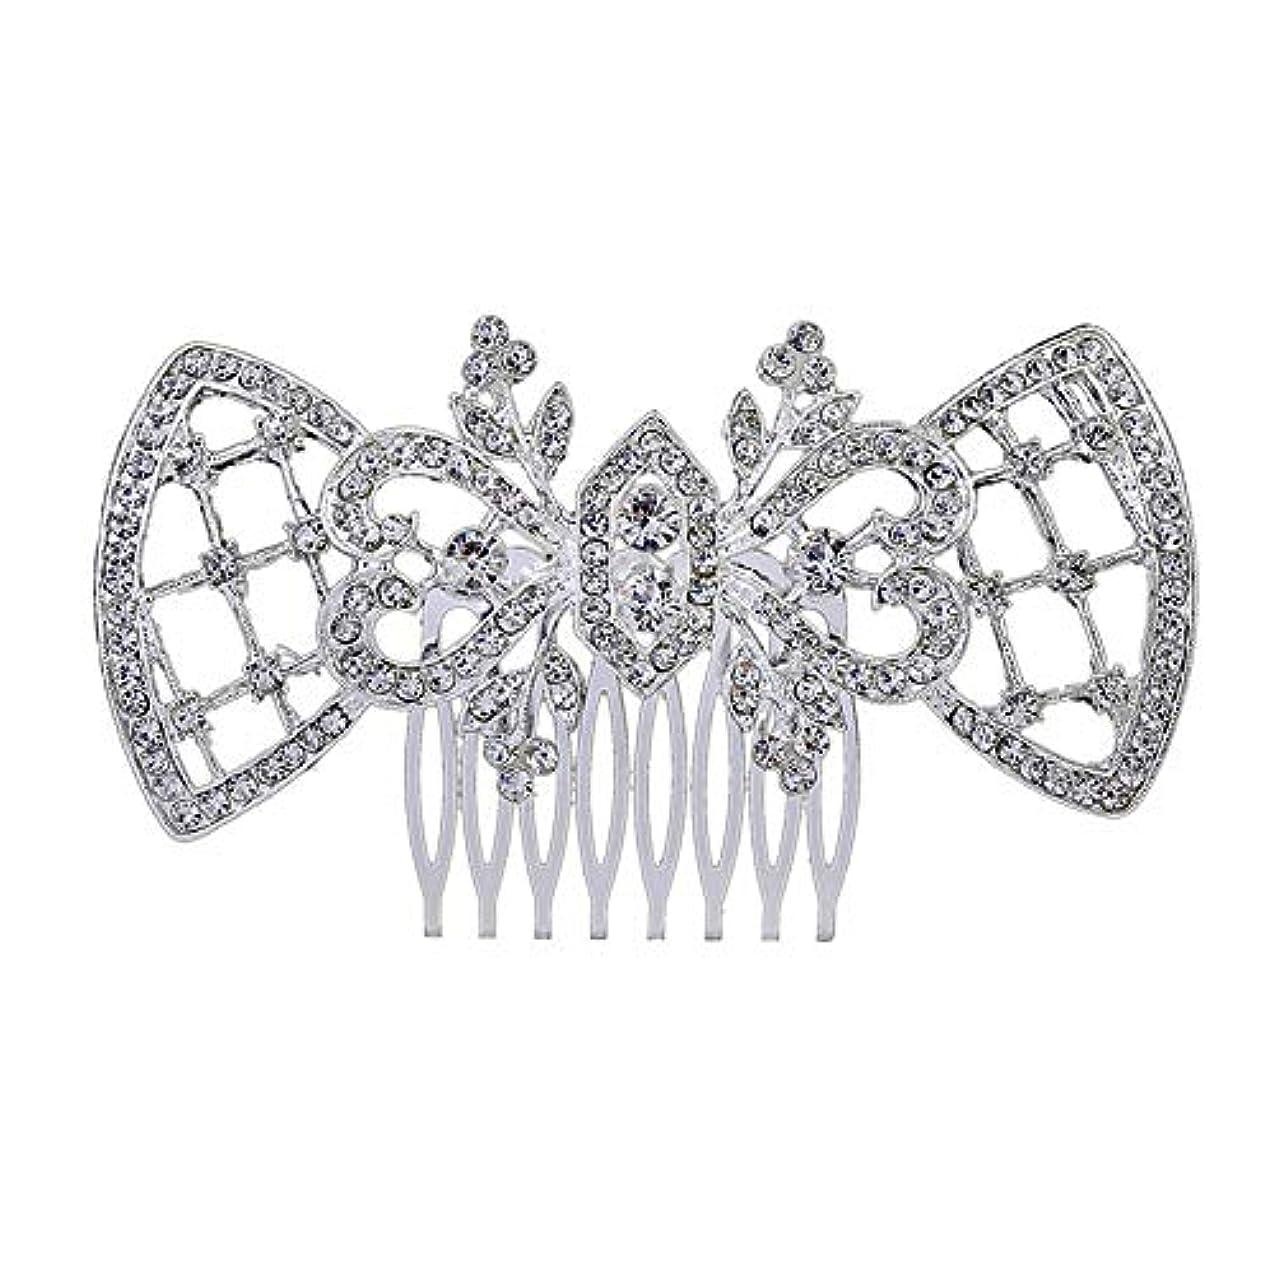 凍った王朝傑出した髪の櫛、櫛、ブライダル髪、髪の櫛、ハート形、ラインストーンの櫛、合金の帽子、結婚式のアクセサリー